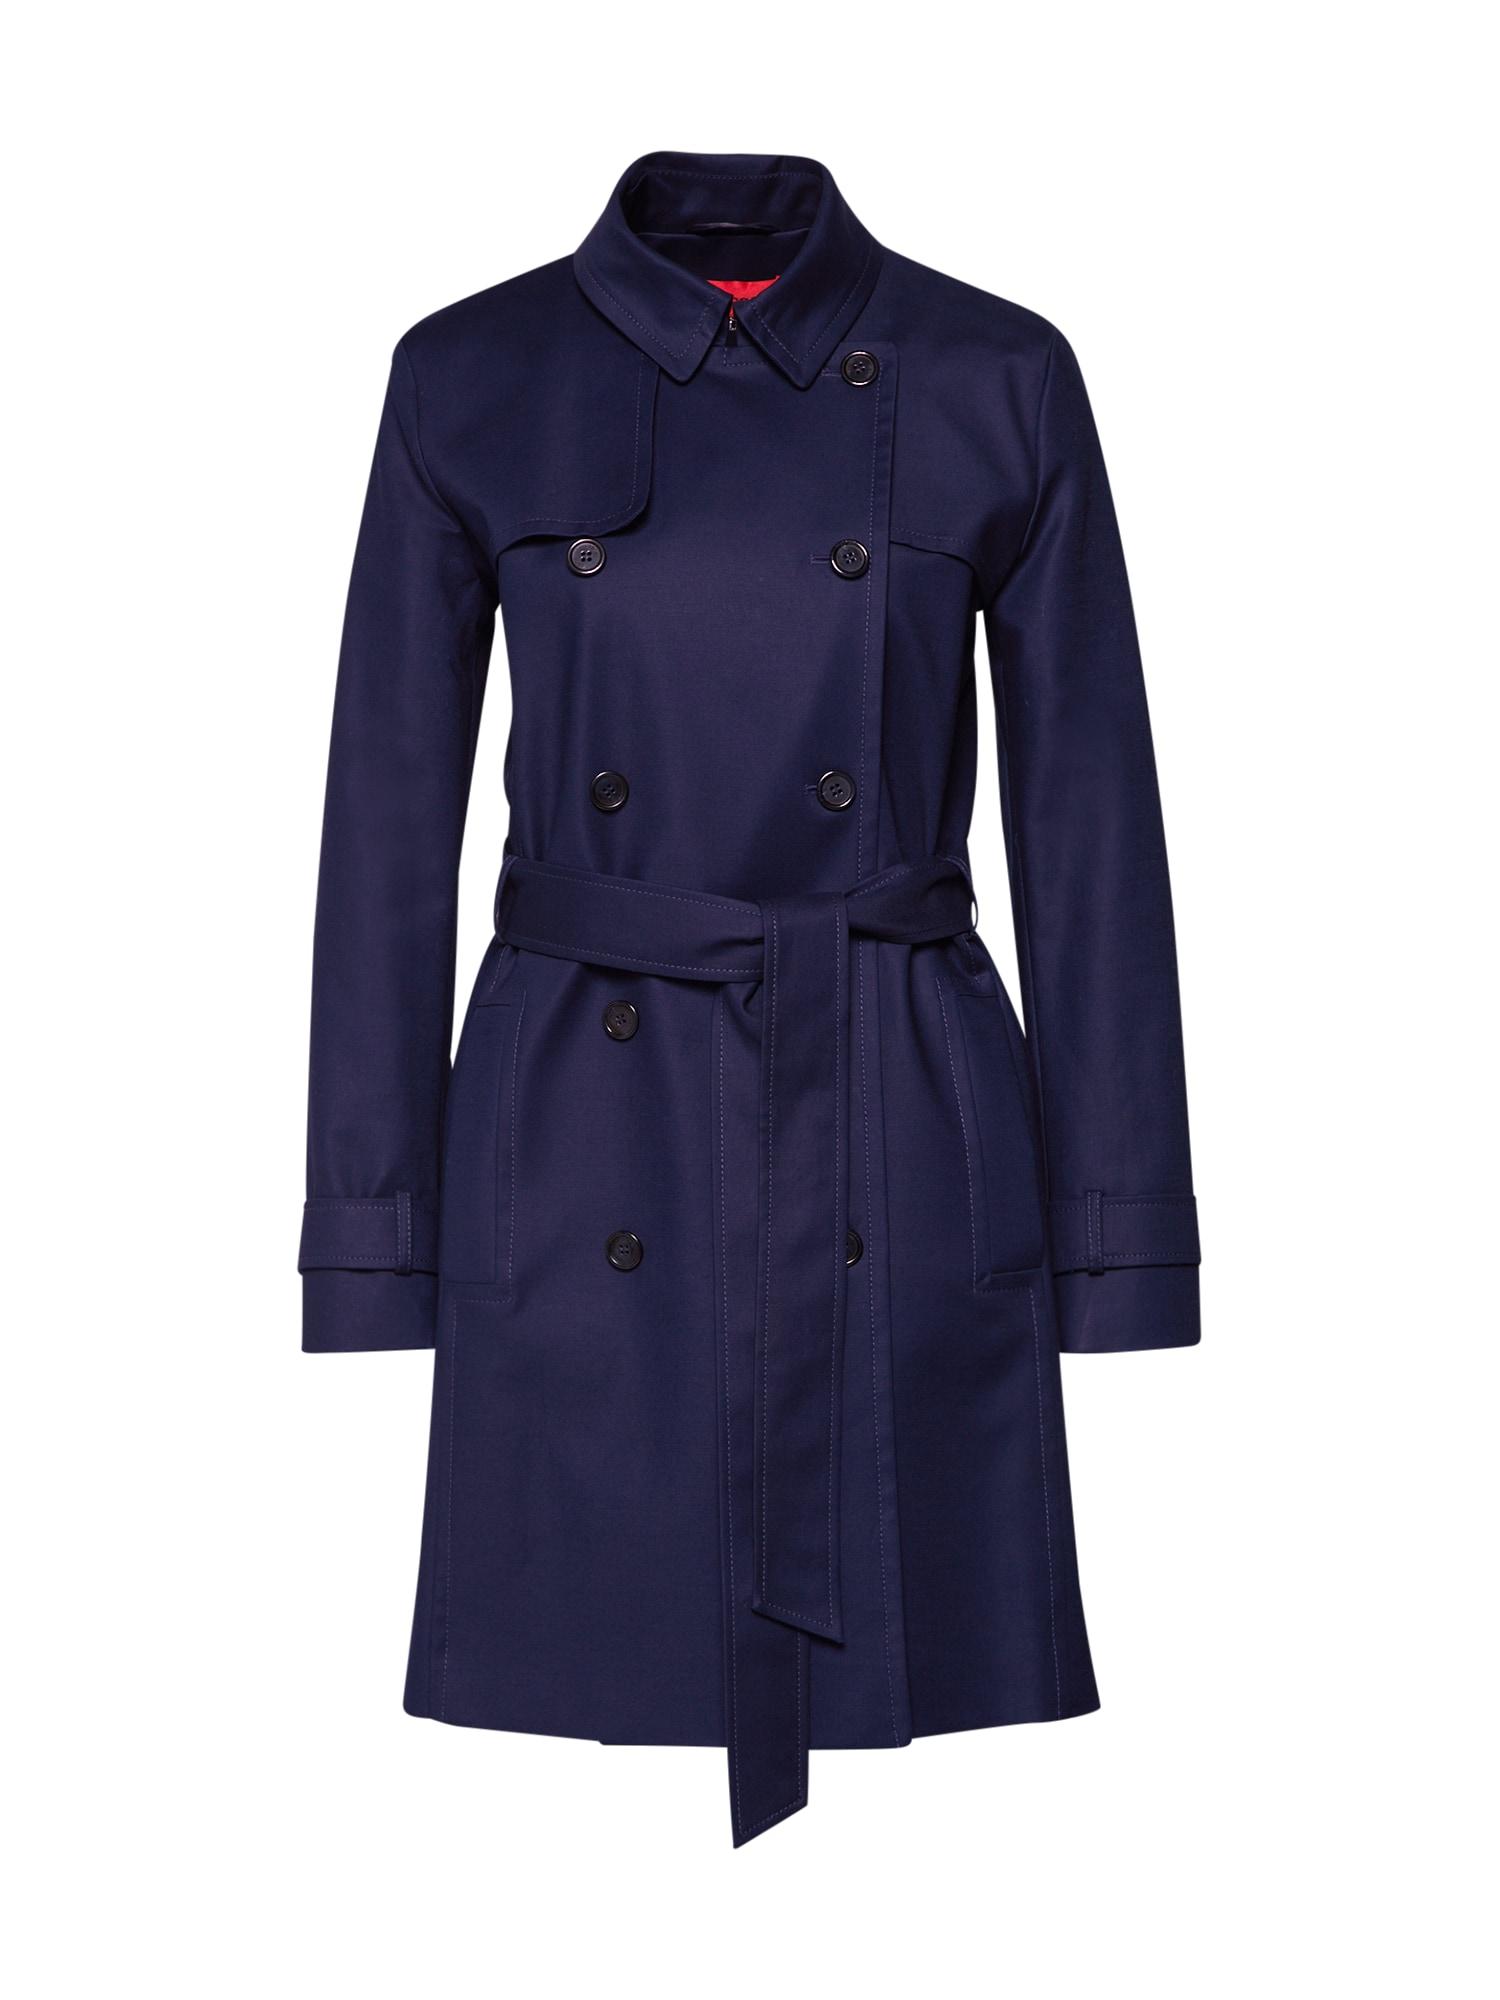 Přechodný kabát Makaras námořnická modř HUGO